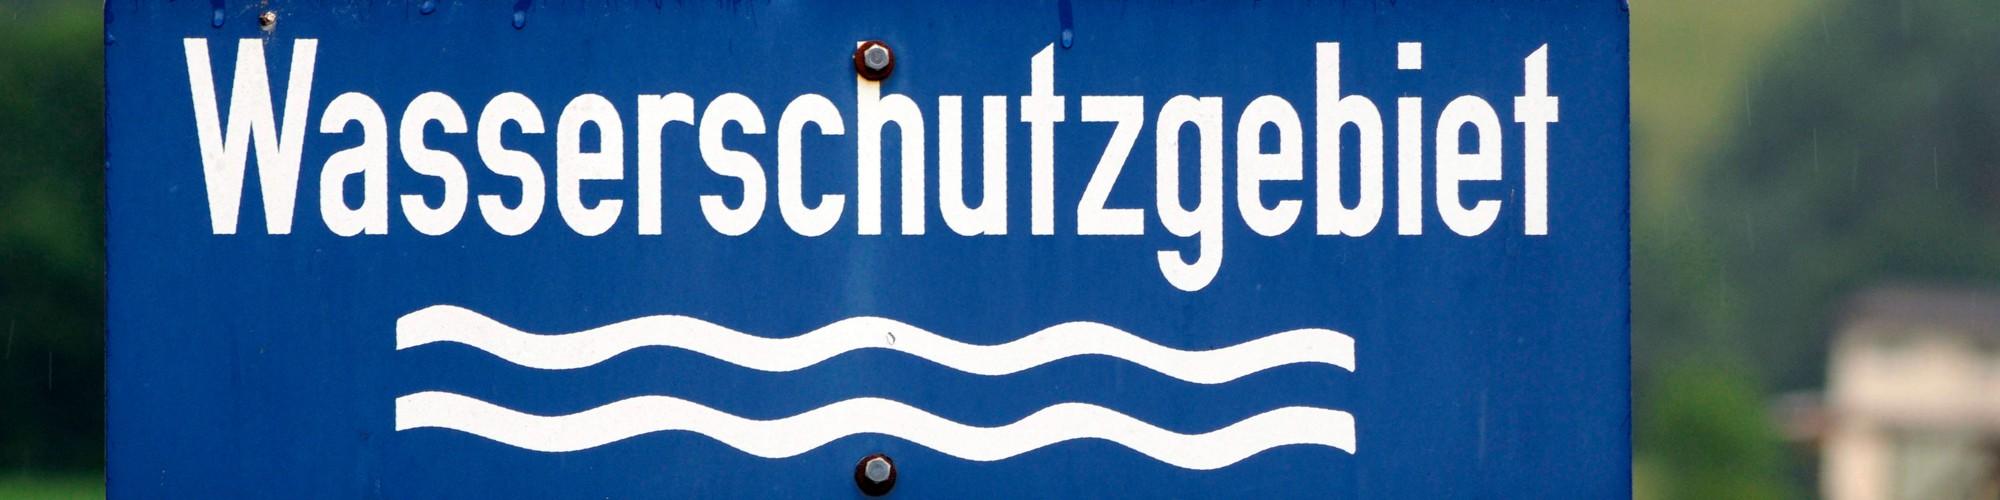 Bild: Schild Wasserschutzgebiet